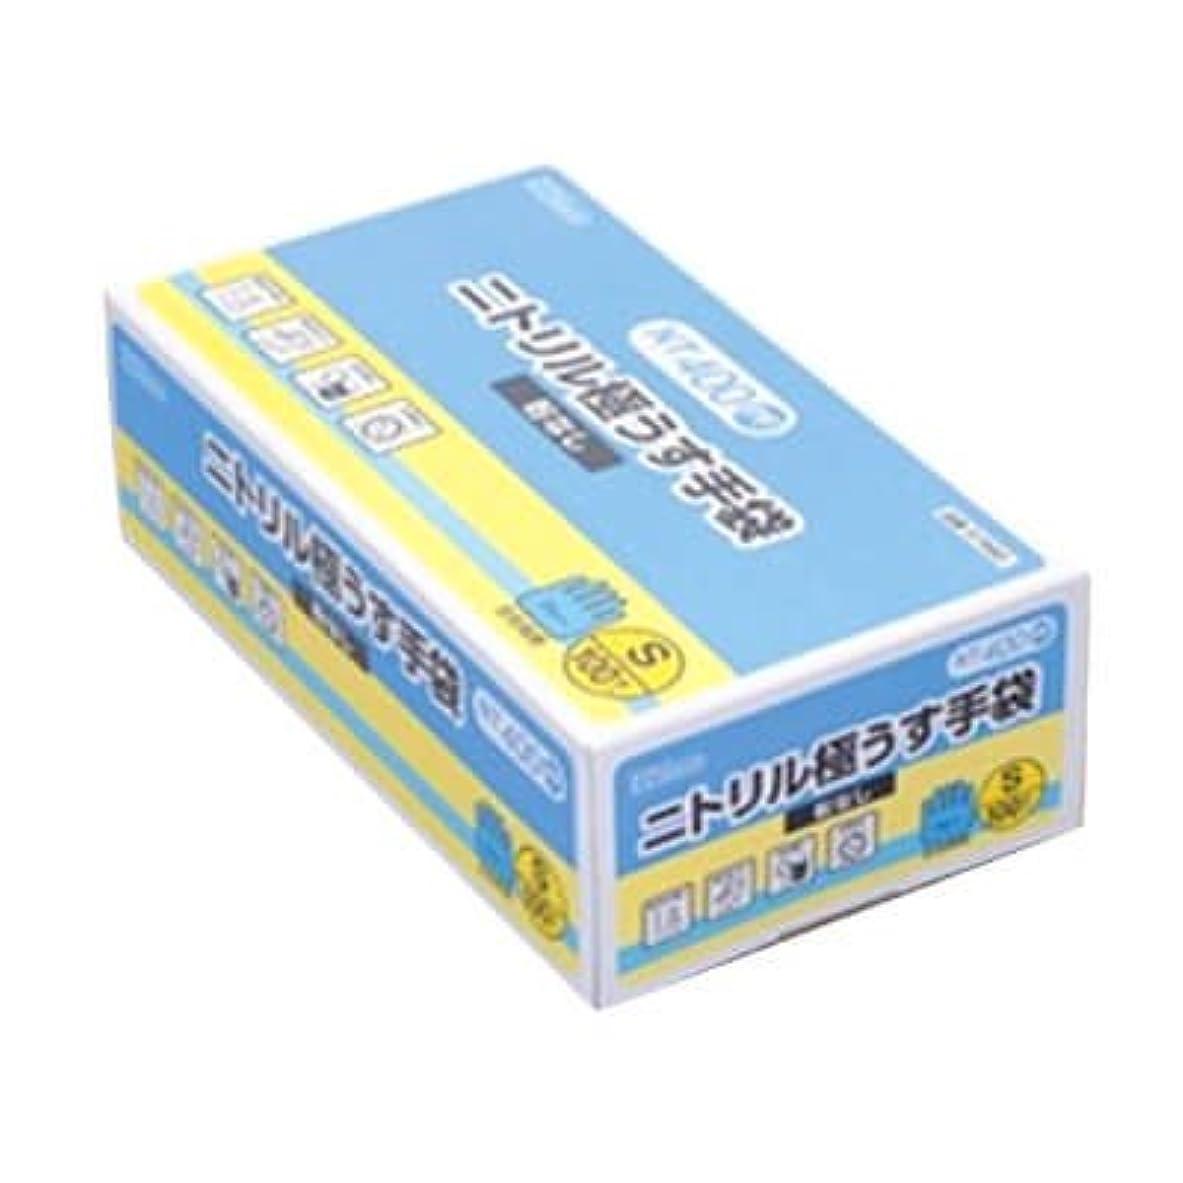 【ケース販売】 ダンロップ ニトリル極うす手袋 粉無 S ブルー NT-400 (100枚入×20箱)